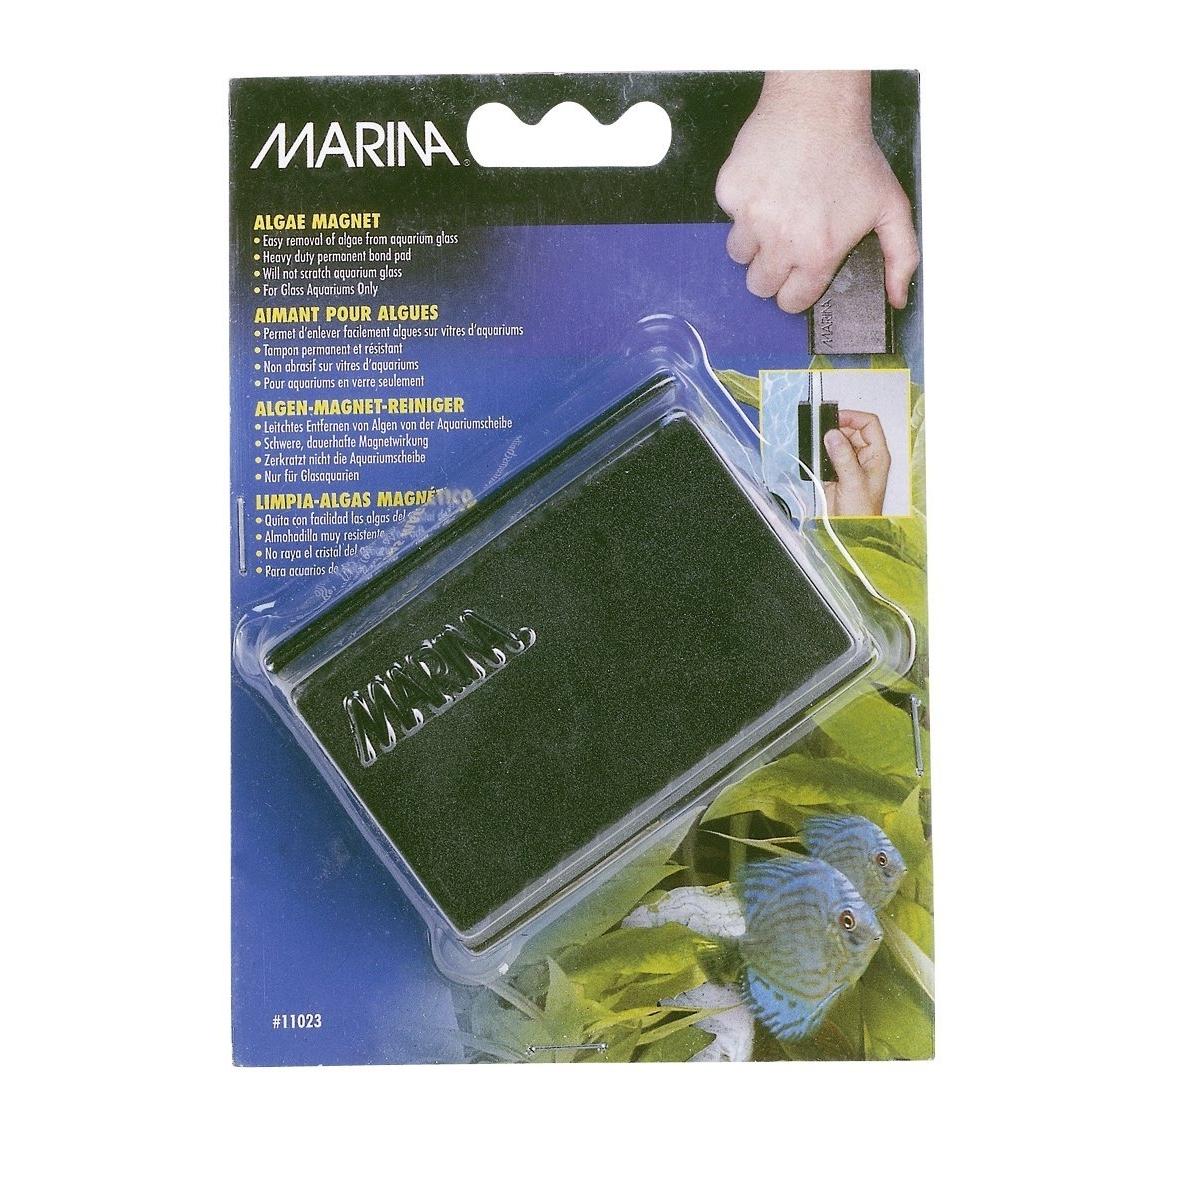 Hagen Marina Algenmagnet-Reiniger für Aquarium, mittel, 10,5 x 2,5 x 4,0 cm